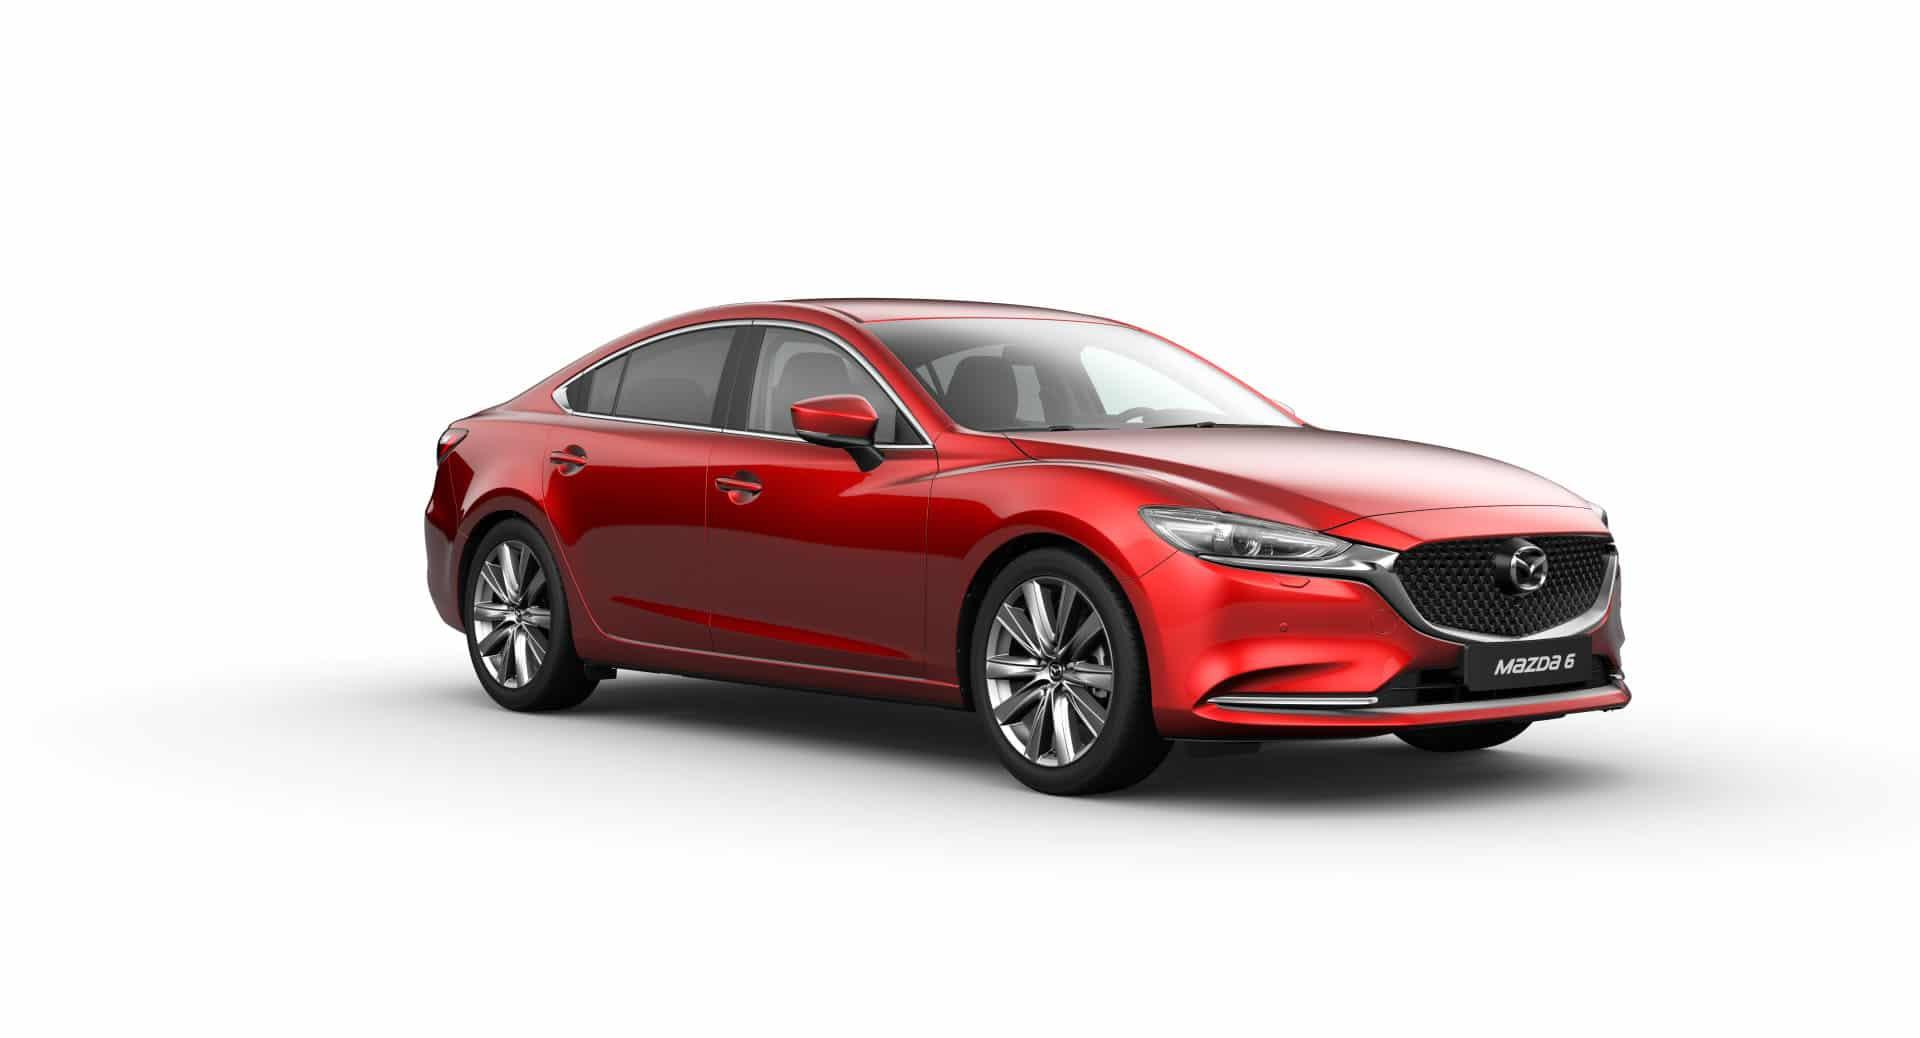 New Mazda 6 2021